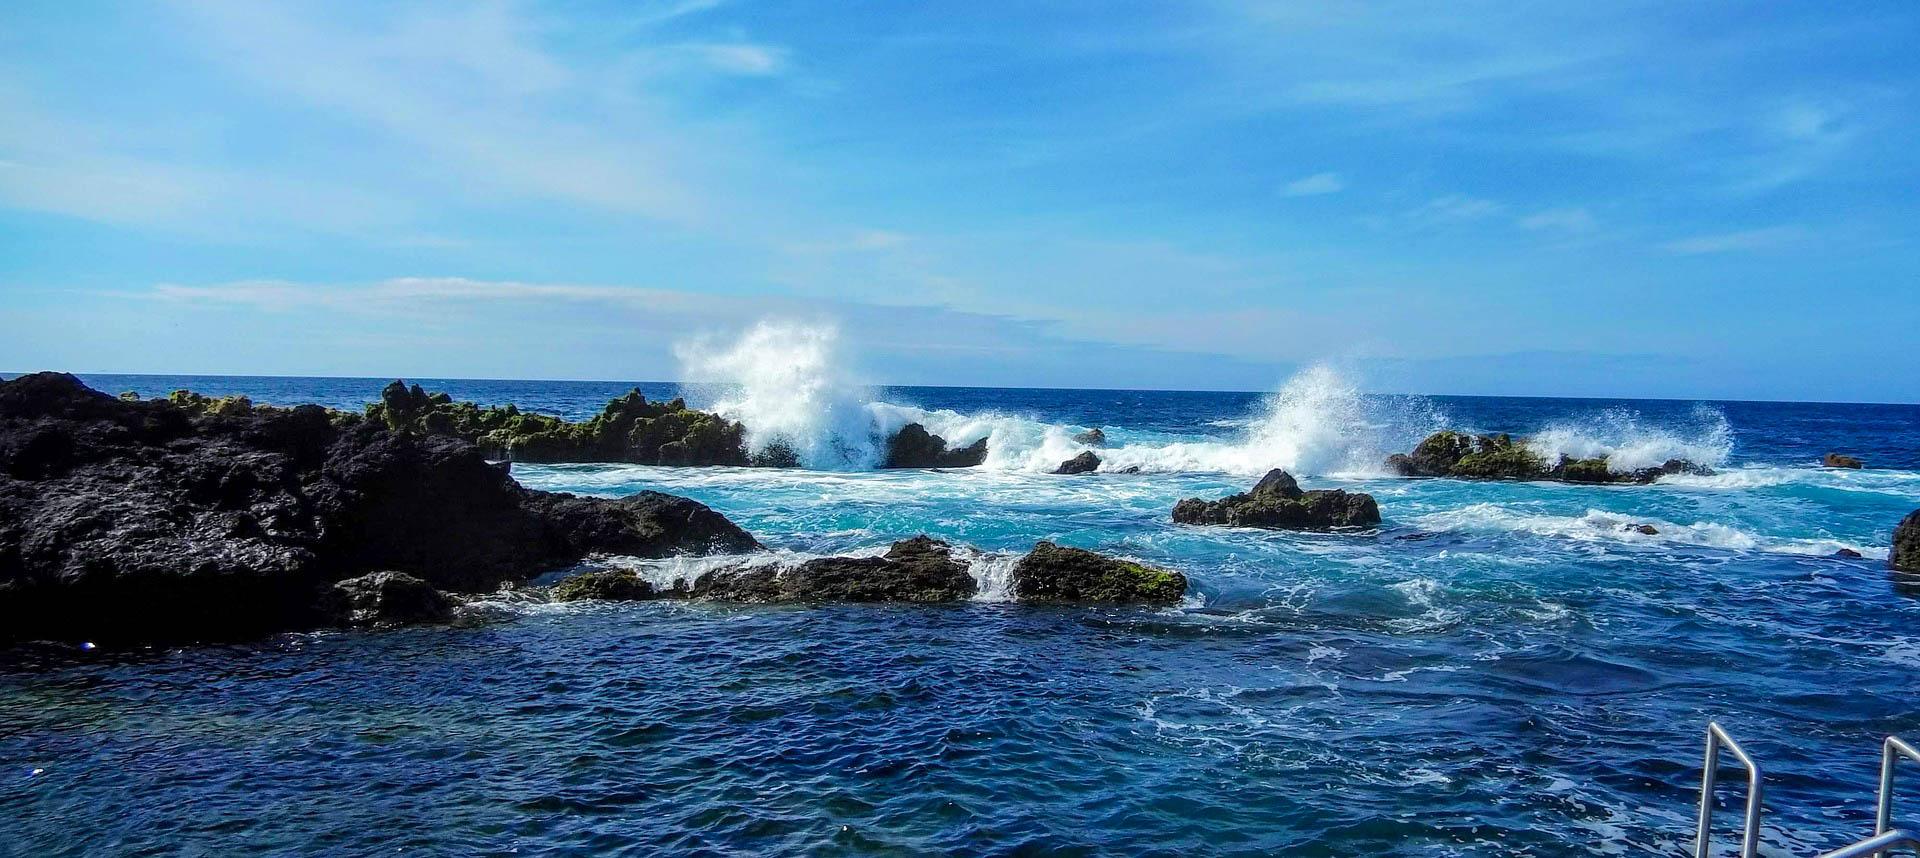 Португалія Азорські острови Понта-да-Феррарія